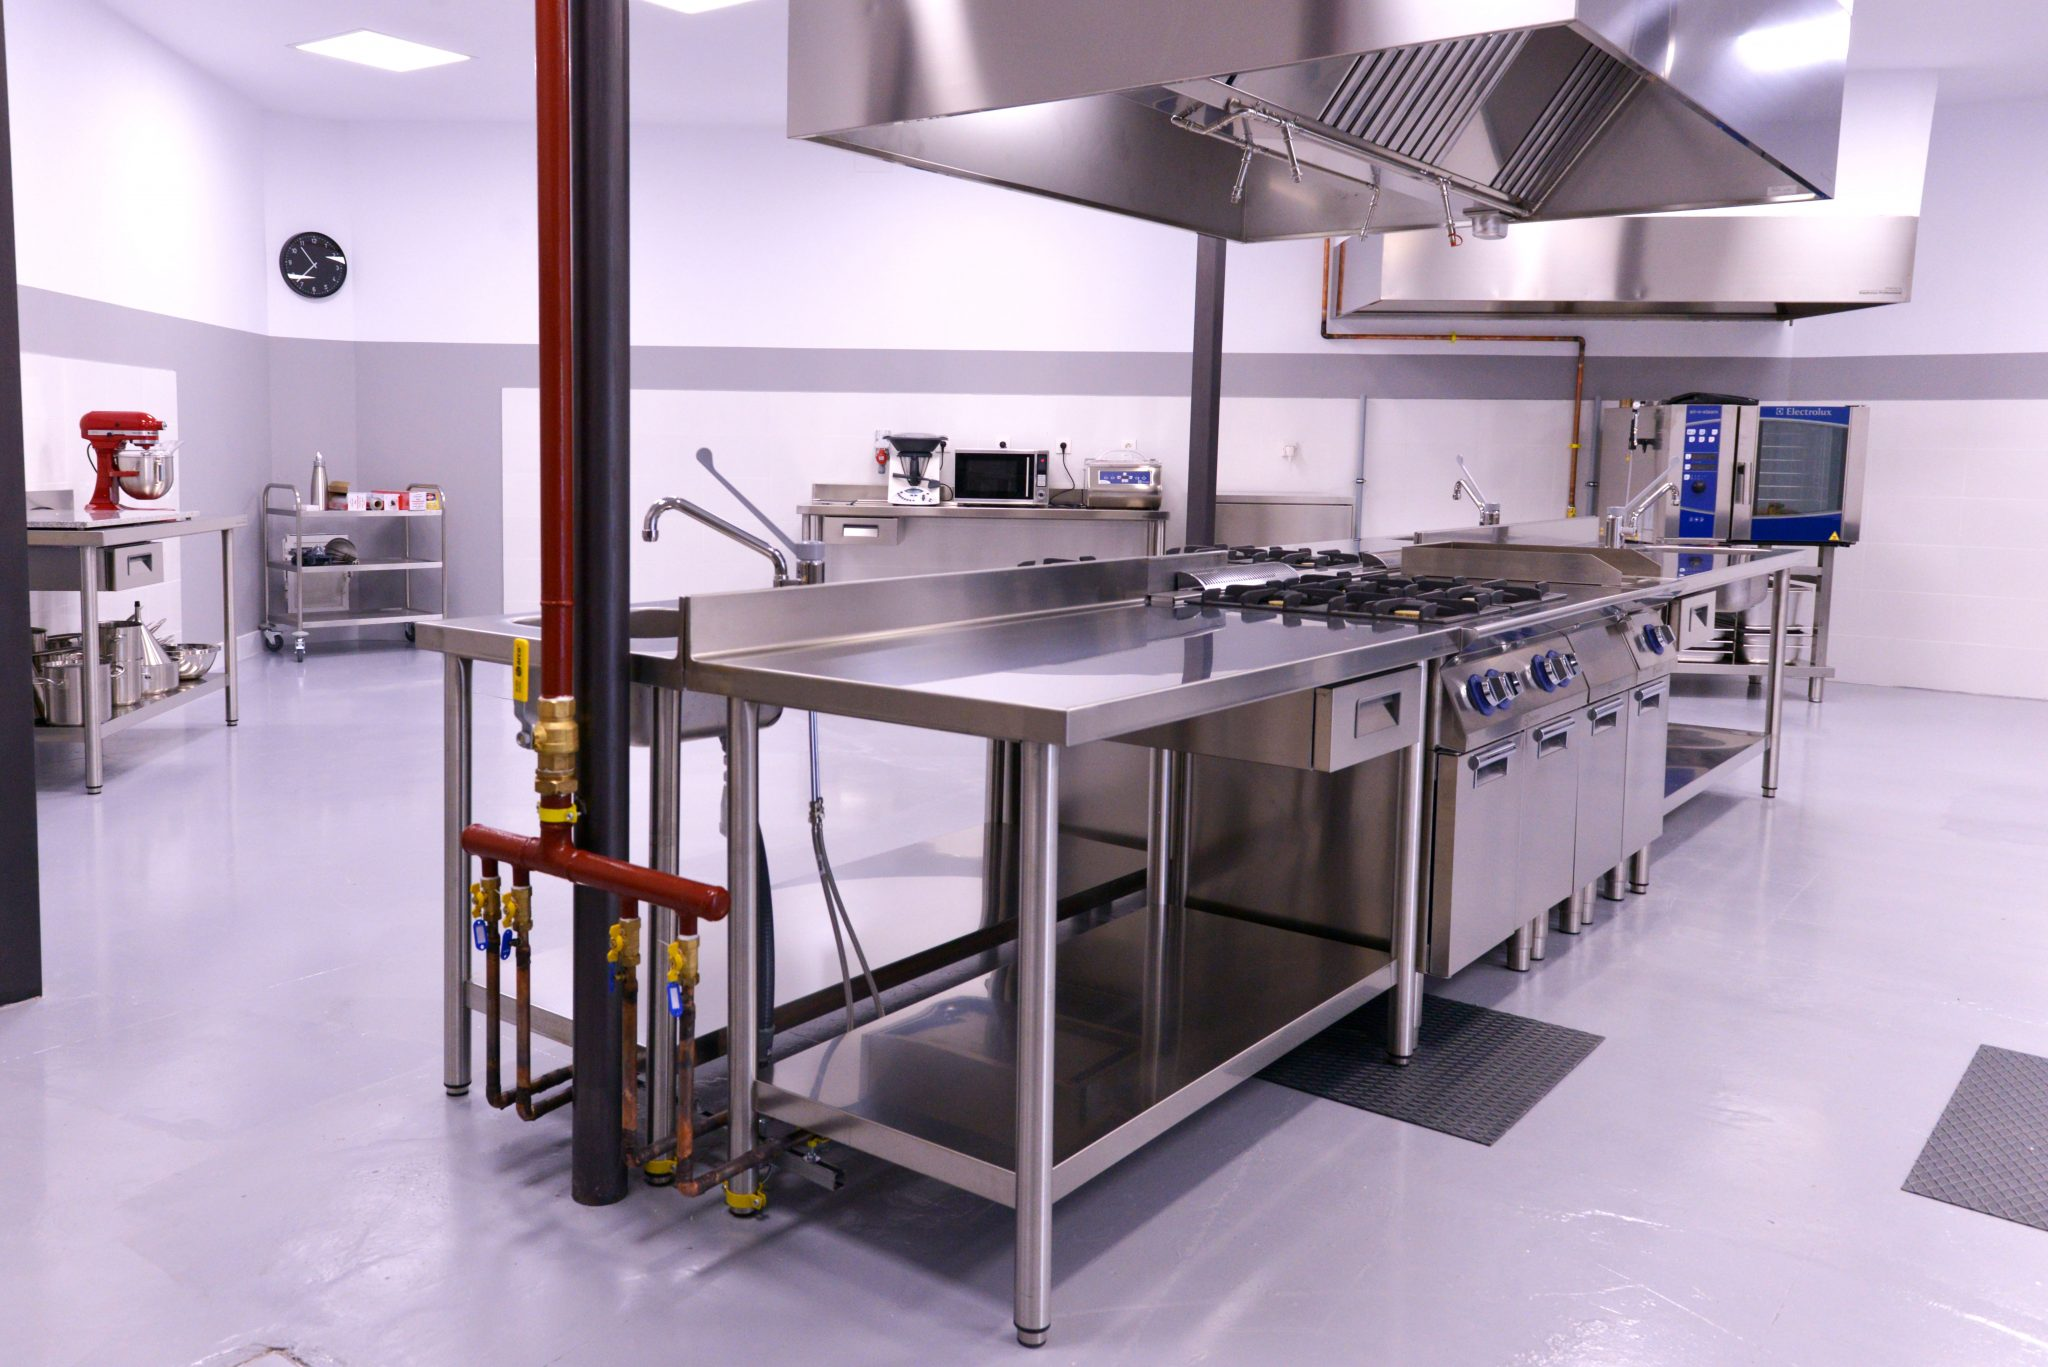 La maquinaria electrolux de nuestra cocina profesional for Instrumentos de cocina profesional